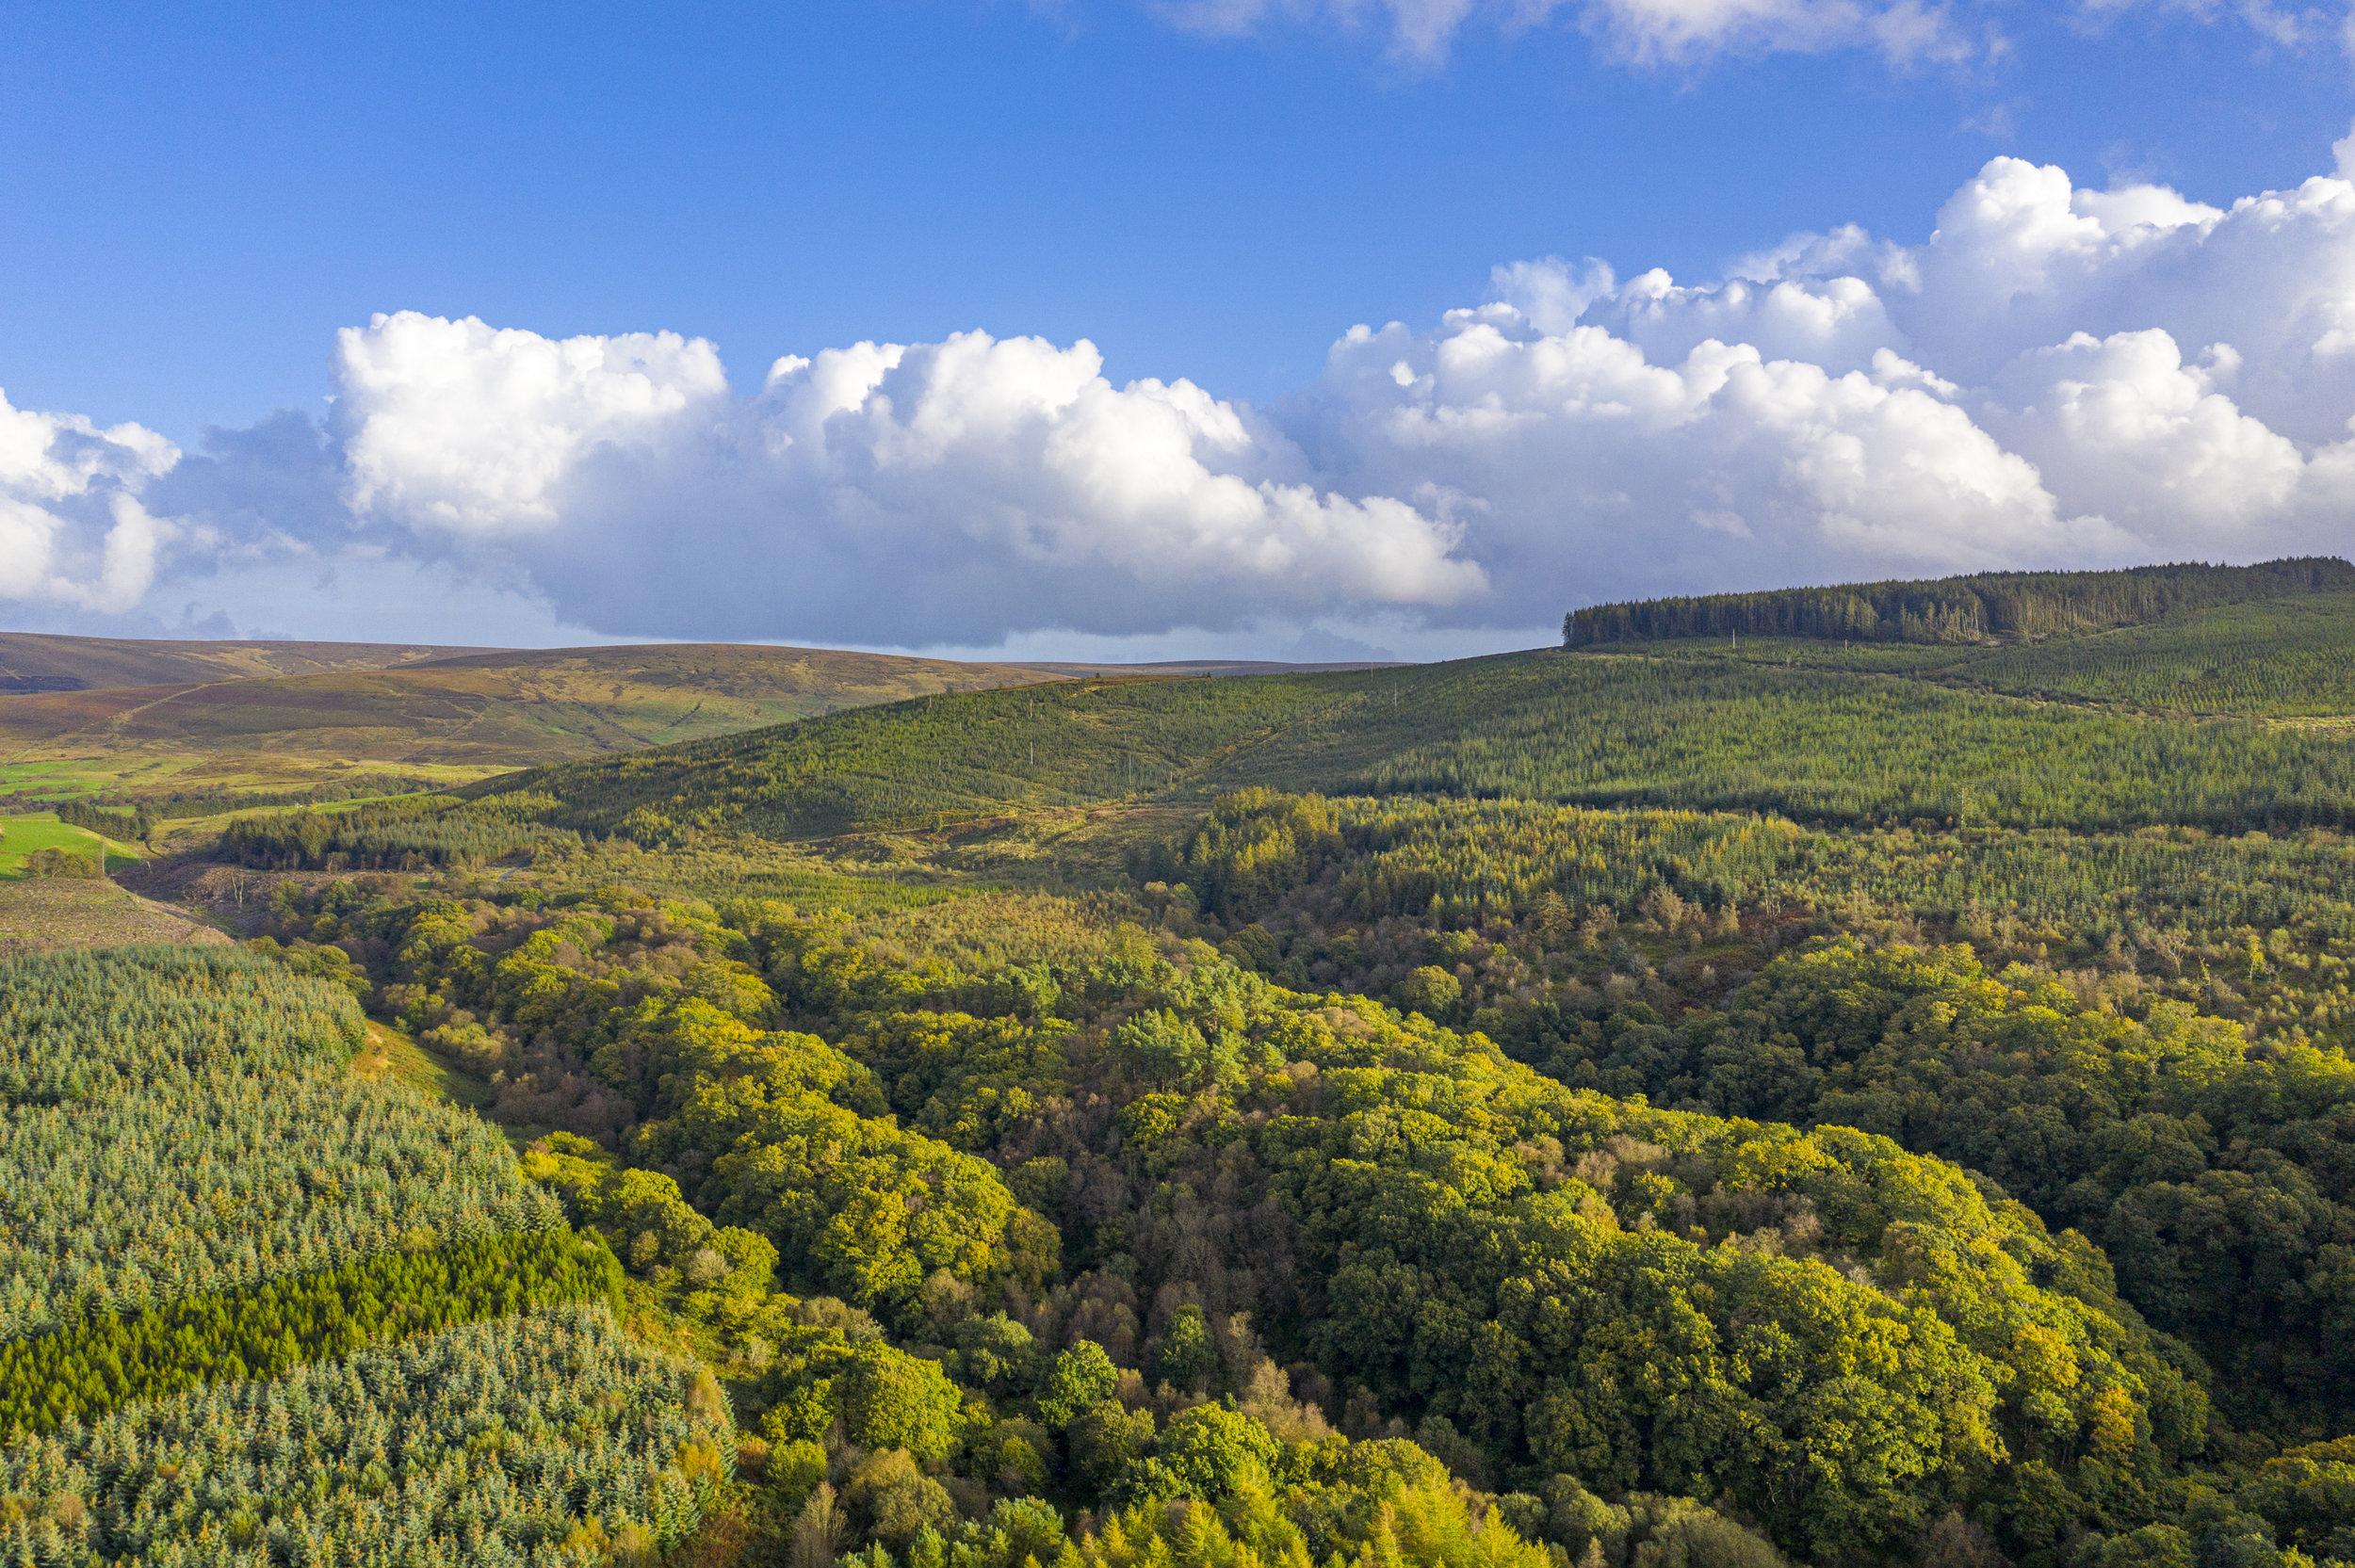 Drone photo of the Breen Oak Wood, Glenshesk, Co Antrim